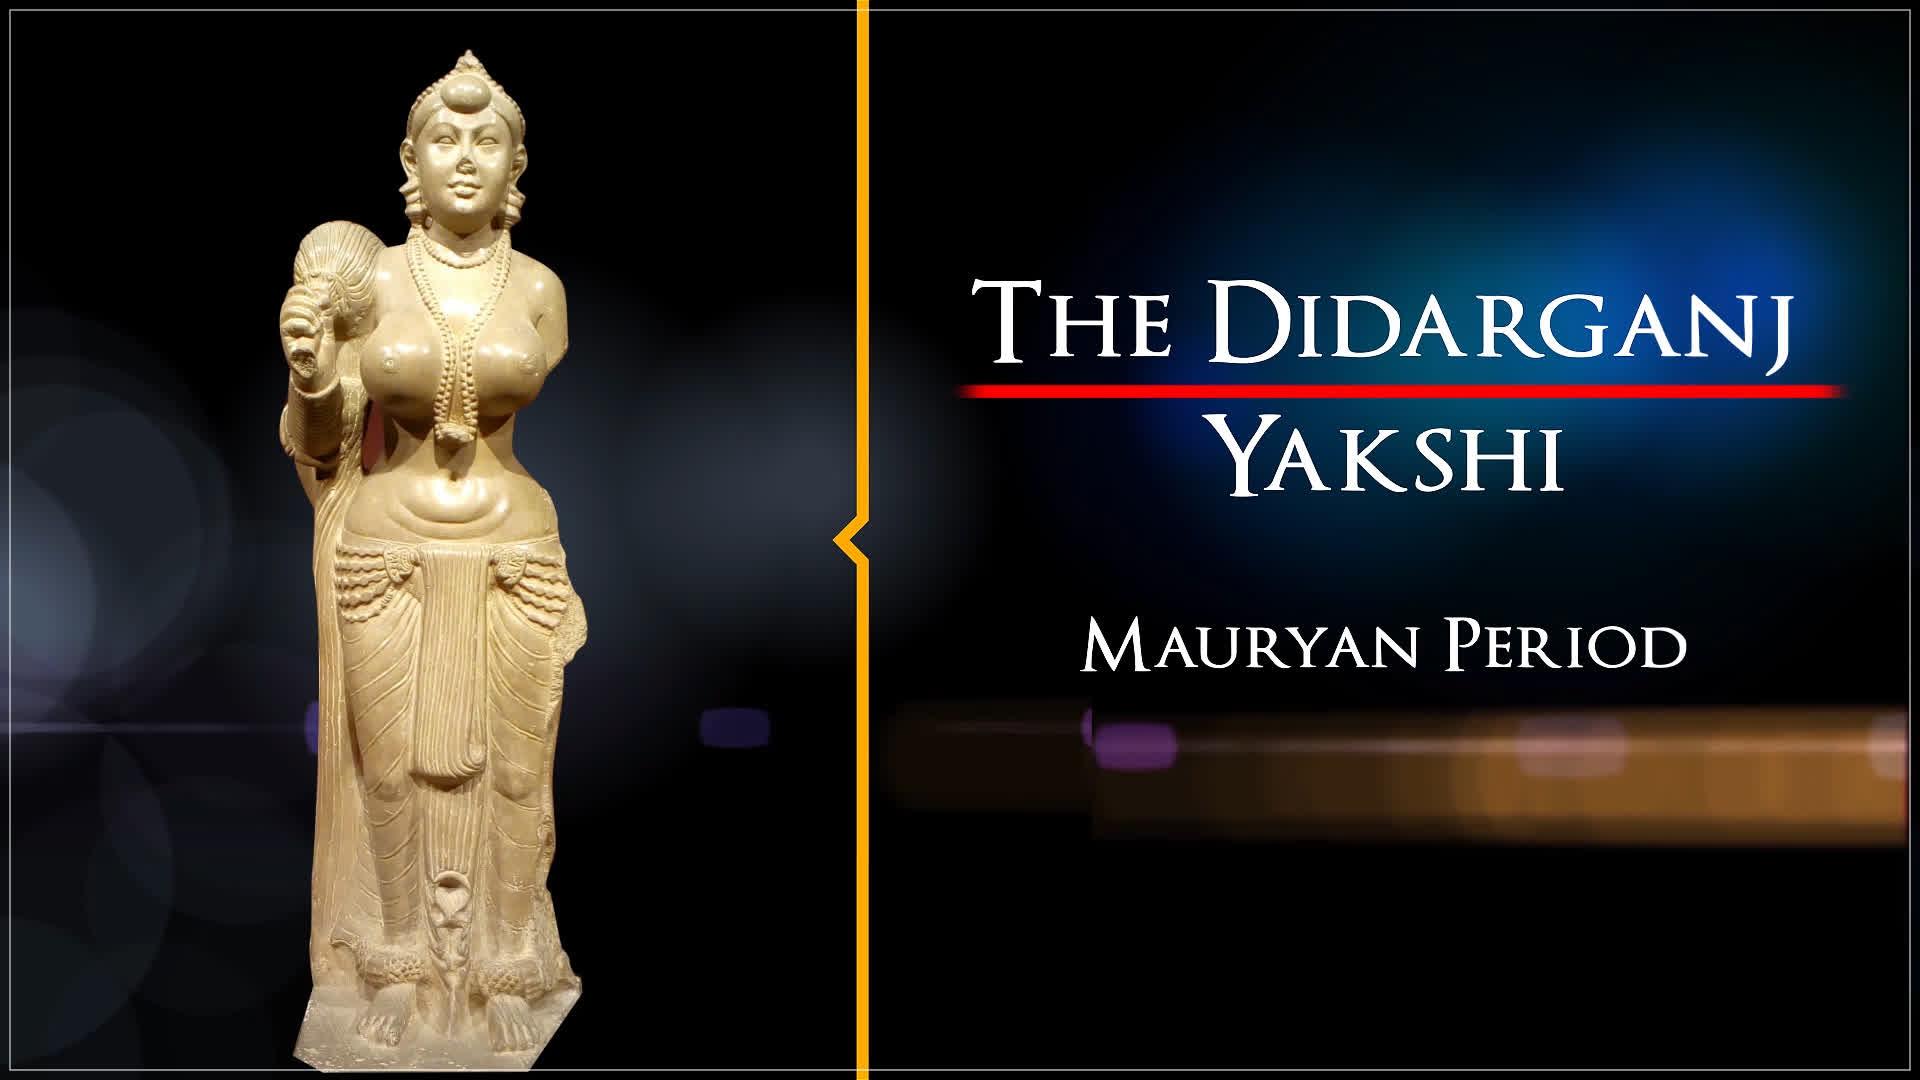 The Didarganj Yakshi | Treasures of India